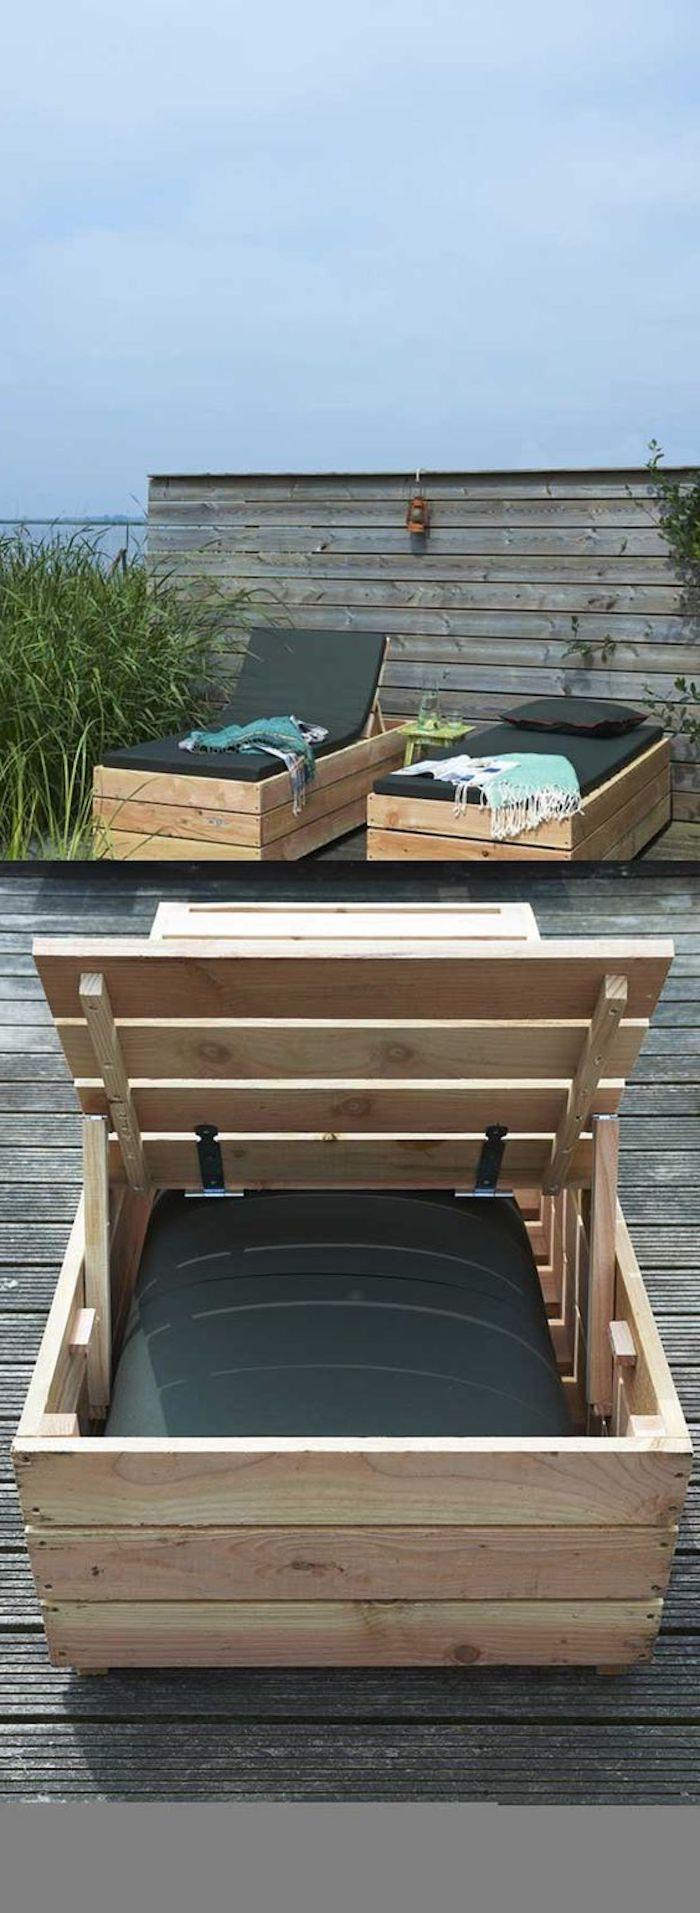 hier finden sie tolle ideen für palettenmäbel terrasse - drei schöne liegestühle aus europaletten für den auüenbereich